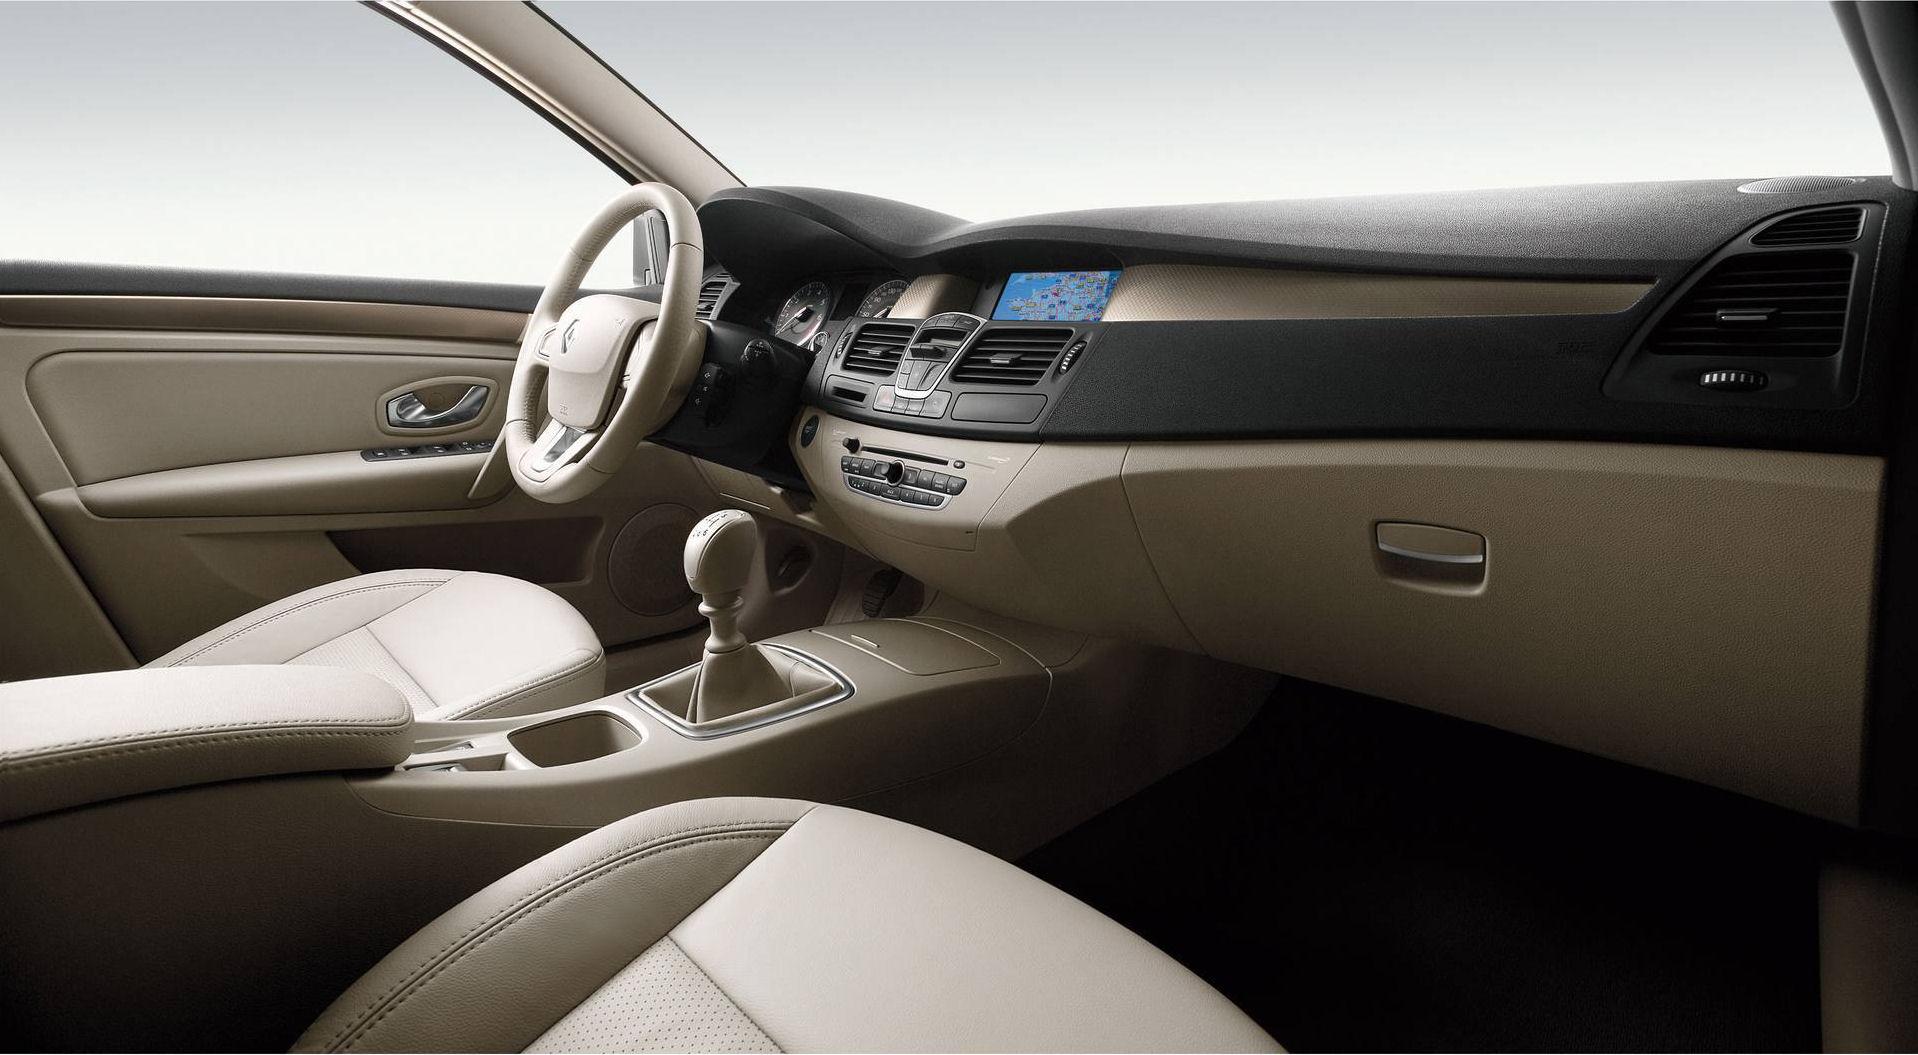 Intérieur - 8/36 - Renault Laguna 3 (2009) - http://new.renault ...